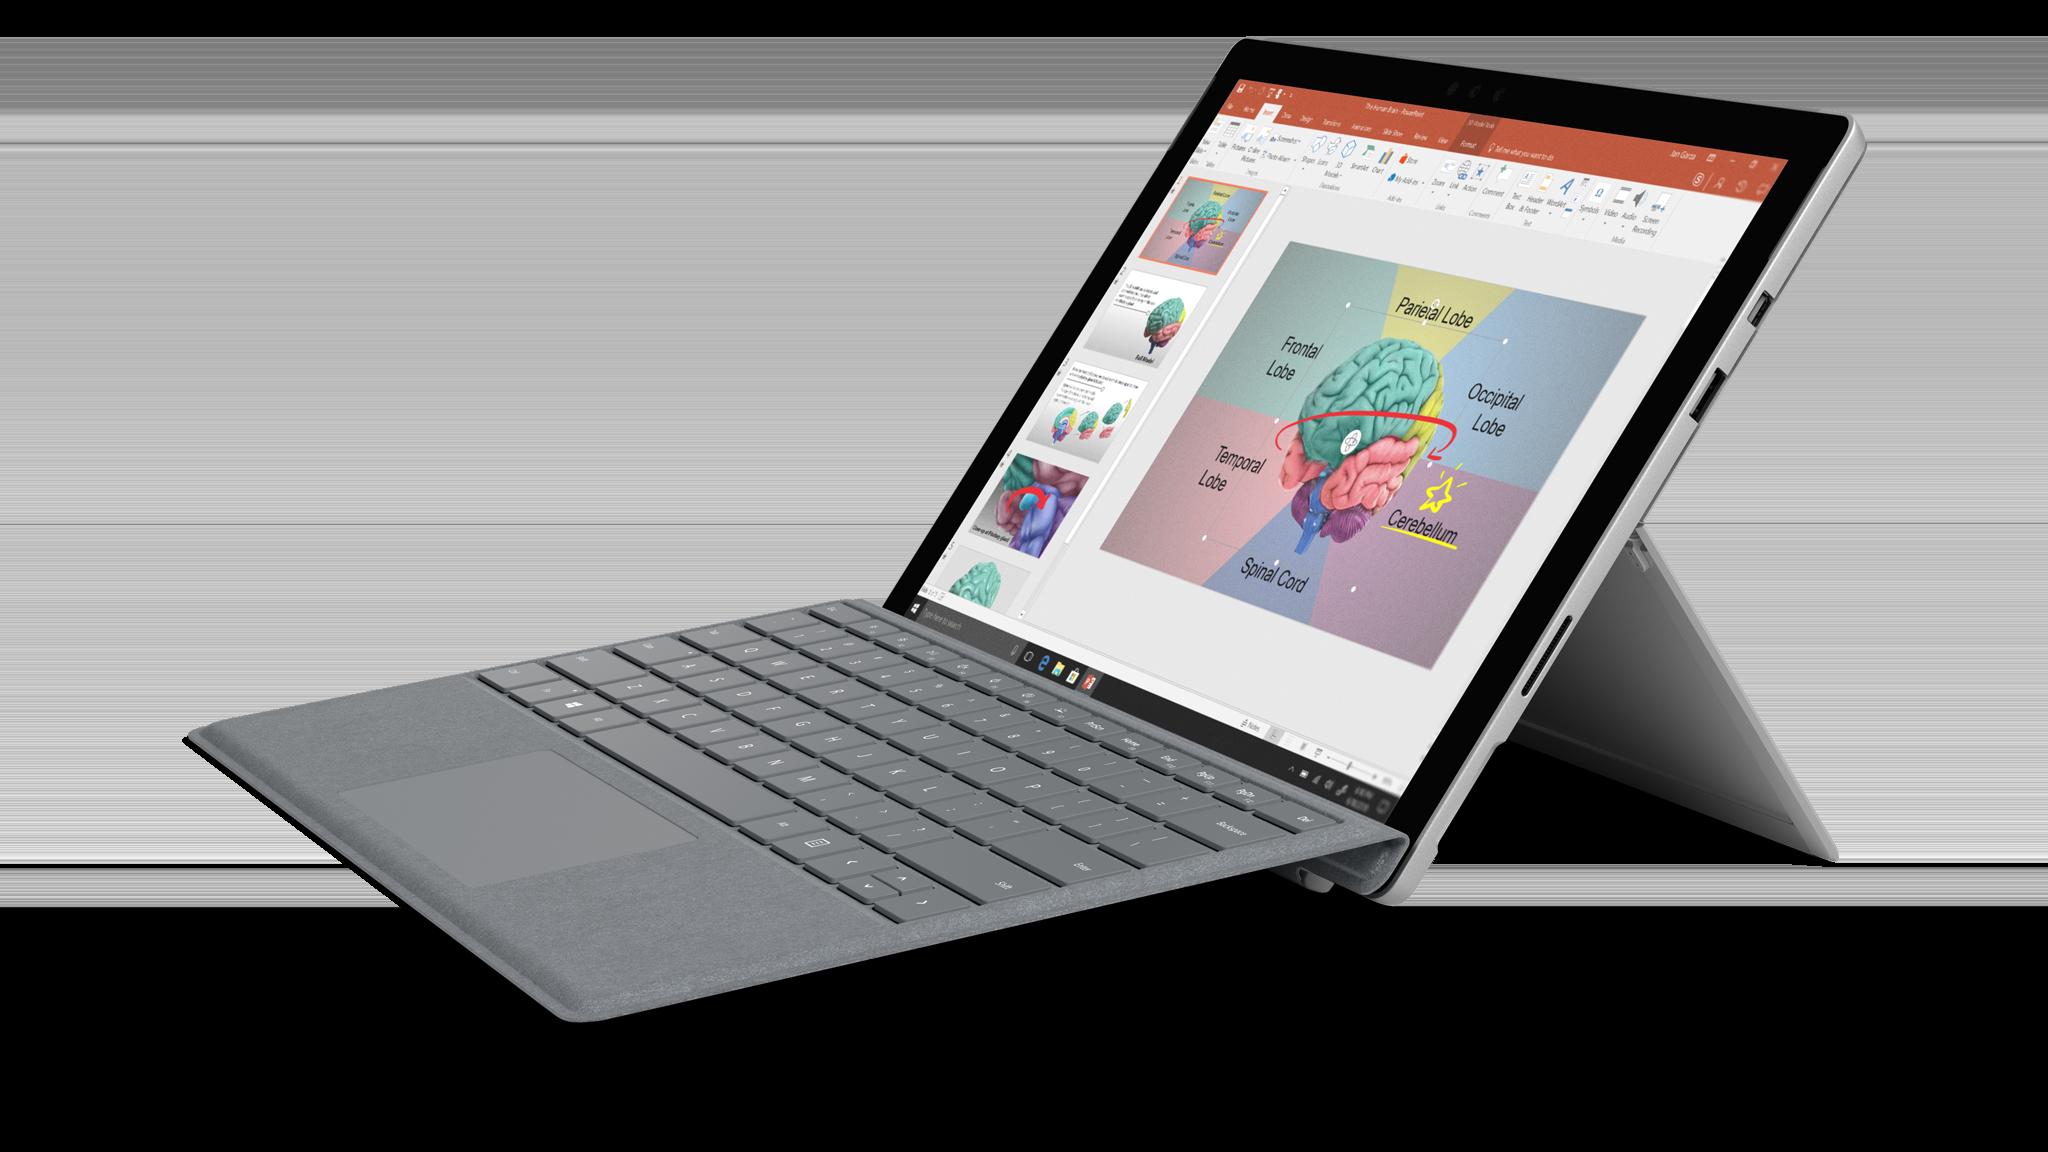 มุมมองด้านข้างของ Surface Pro